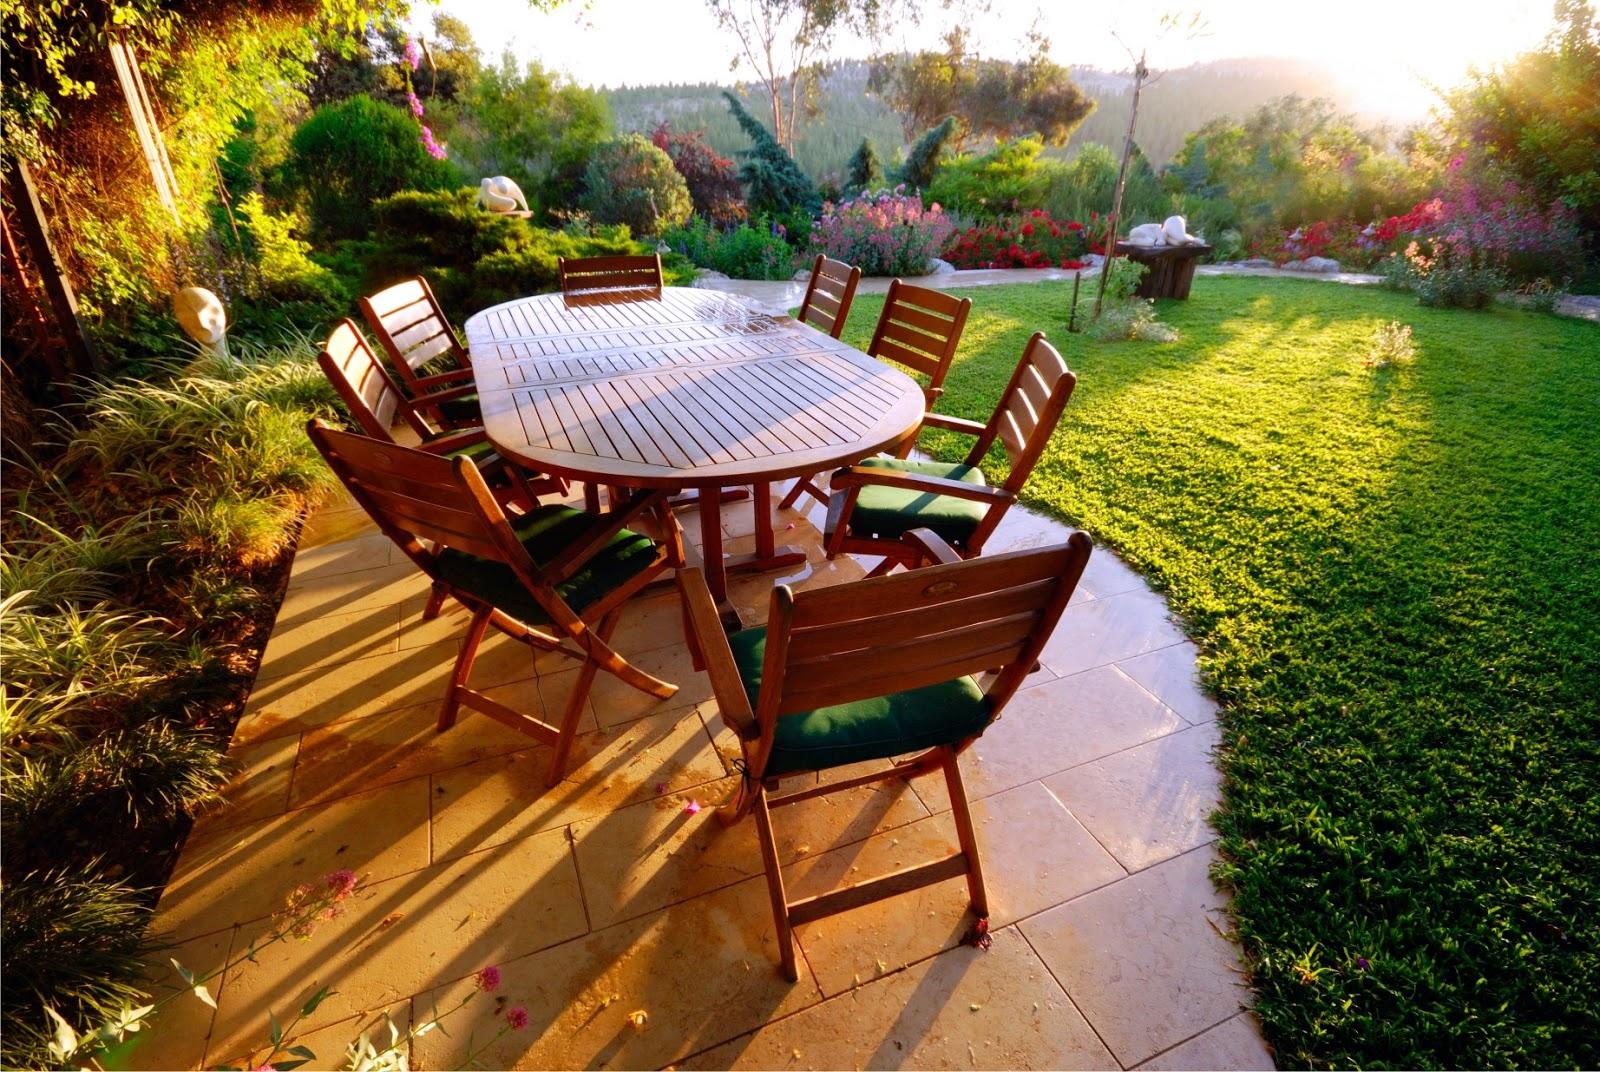 Arte y jardiner a situaci n y dise o del jard n sombras for Diseno de jardin